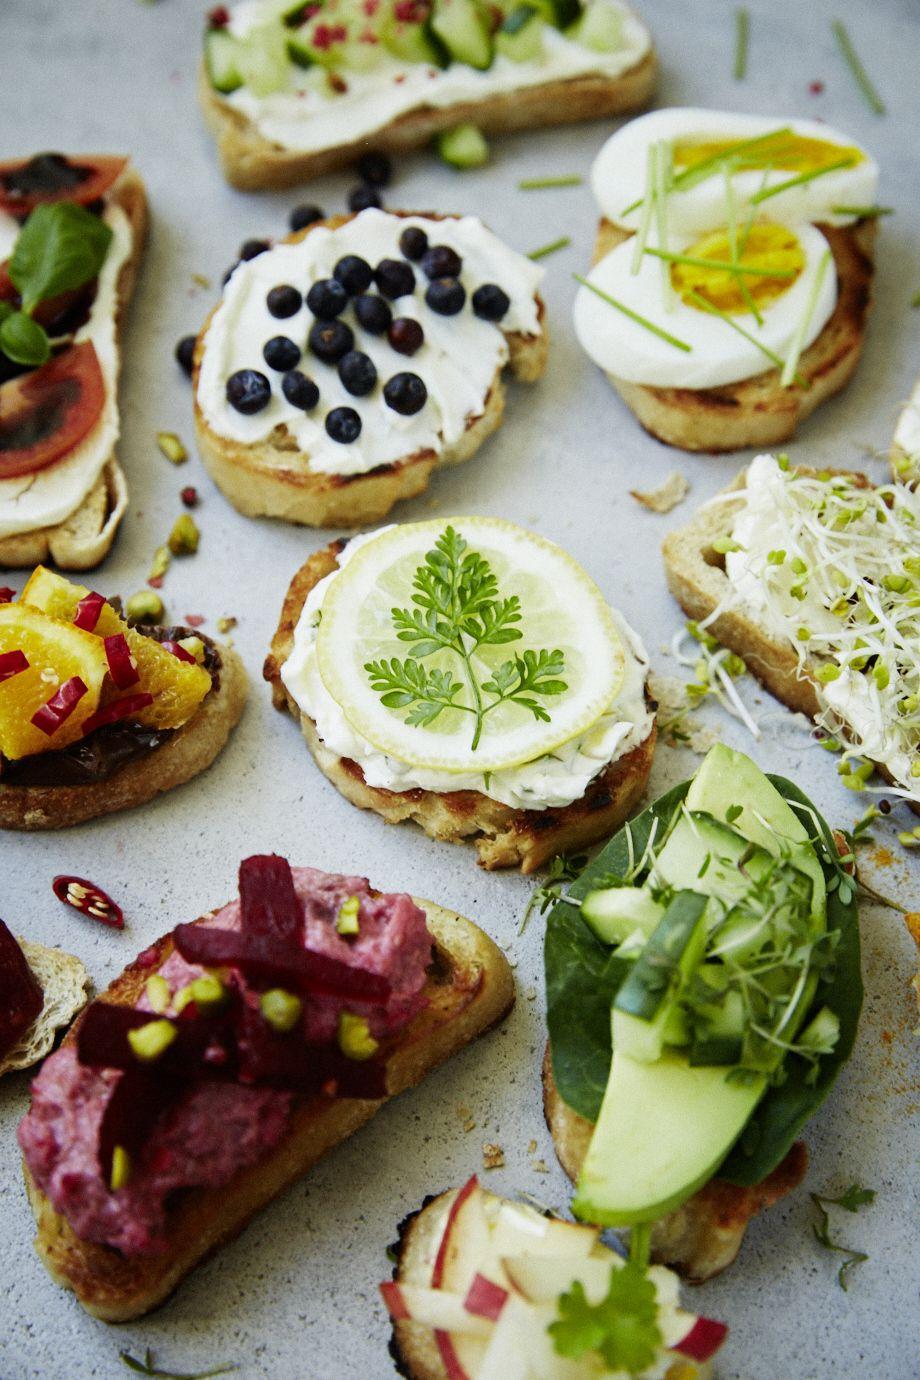 Herzhaft und süß: Bei einem Brunch gibt es verschiedene Möglichkeiten, sein Brot oder Brötchen zu belegen: Streichcremes, Obst und Gemüse, Eier, Marmelade und Honig. Es ist alles erlaubt.